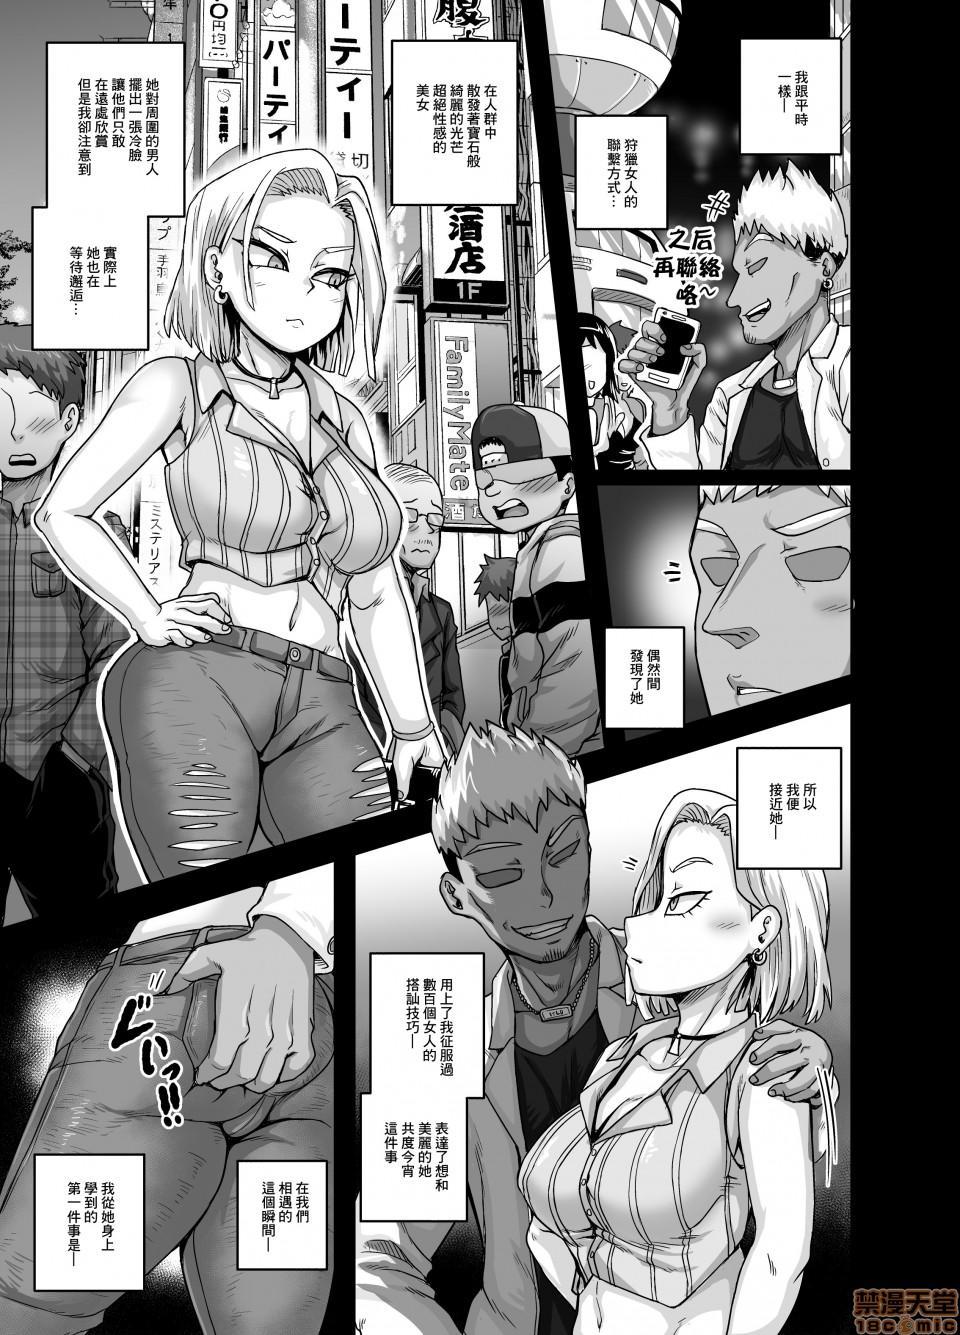 性欲に勝てないオンナ(人造人間)+ フルカラー4ページ漫画(ラフタリア&ツナデ) 5